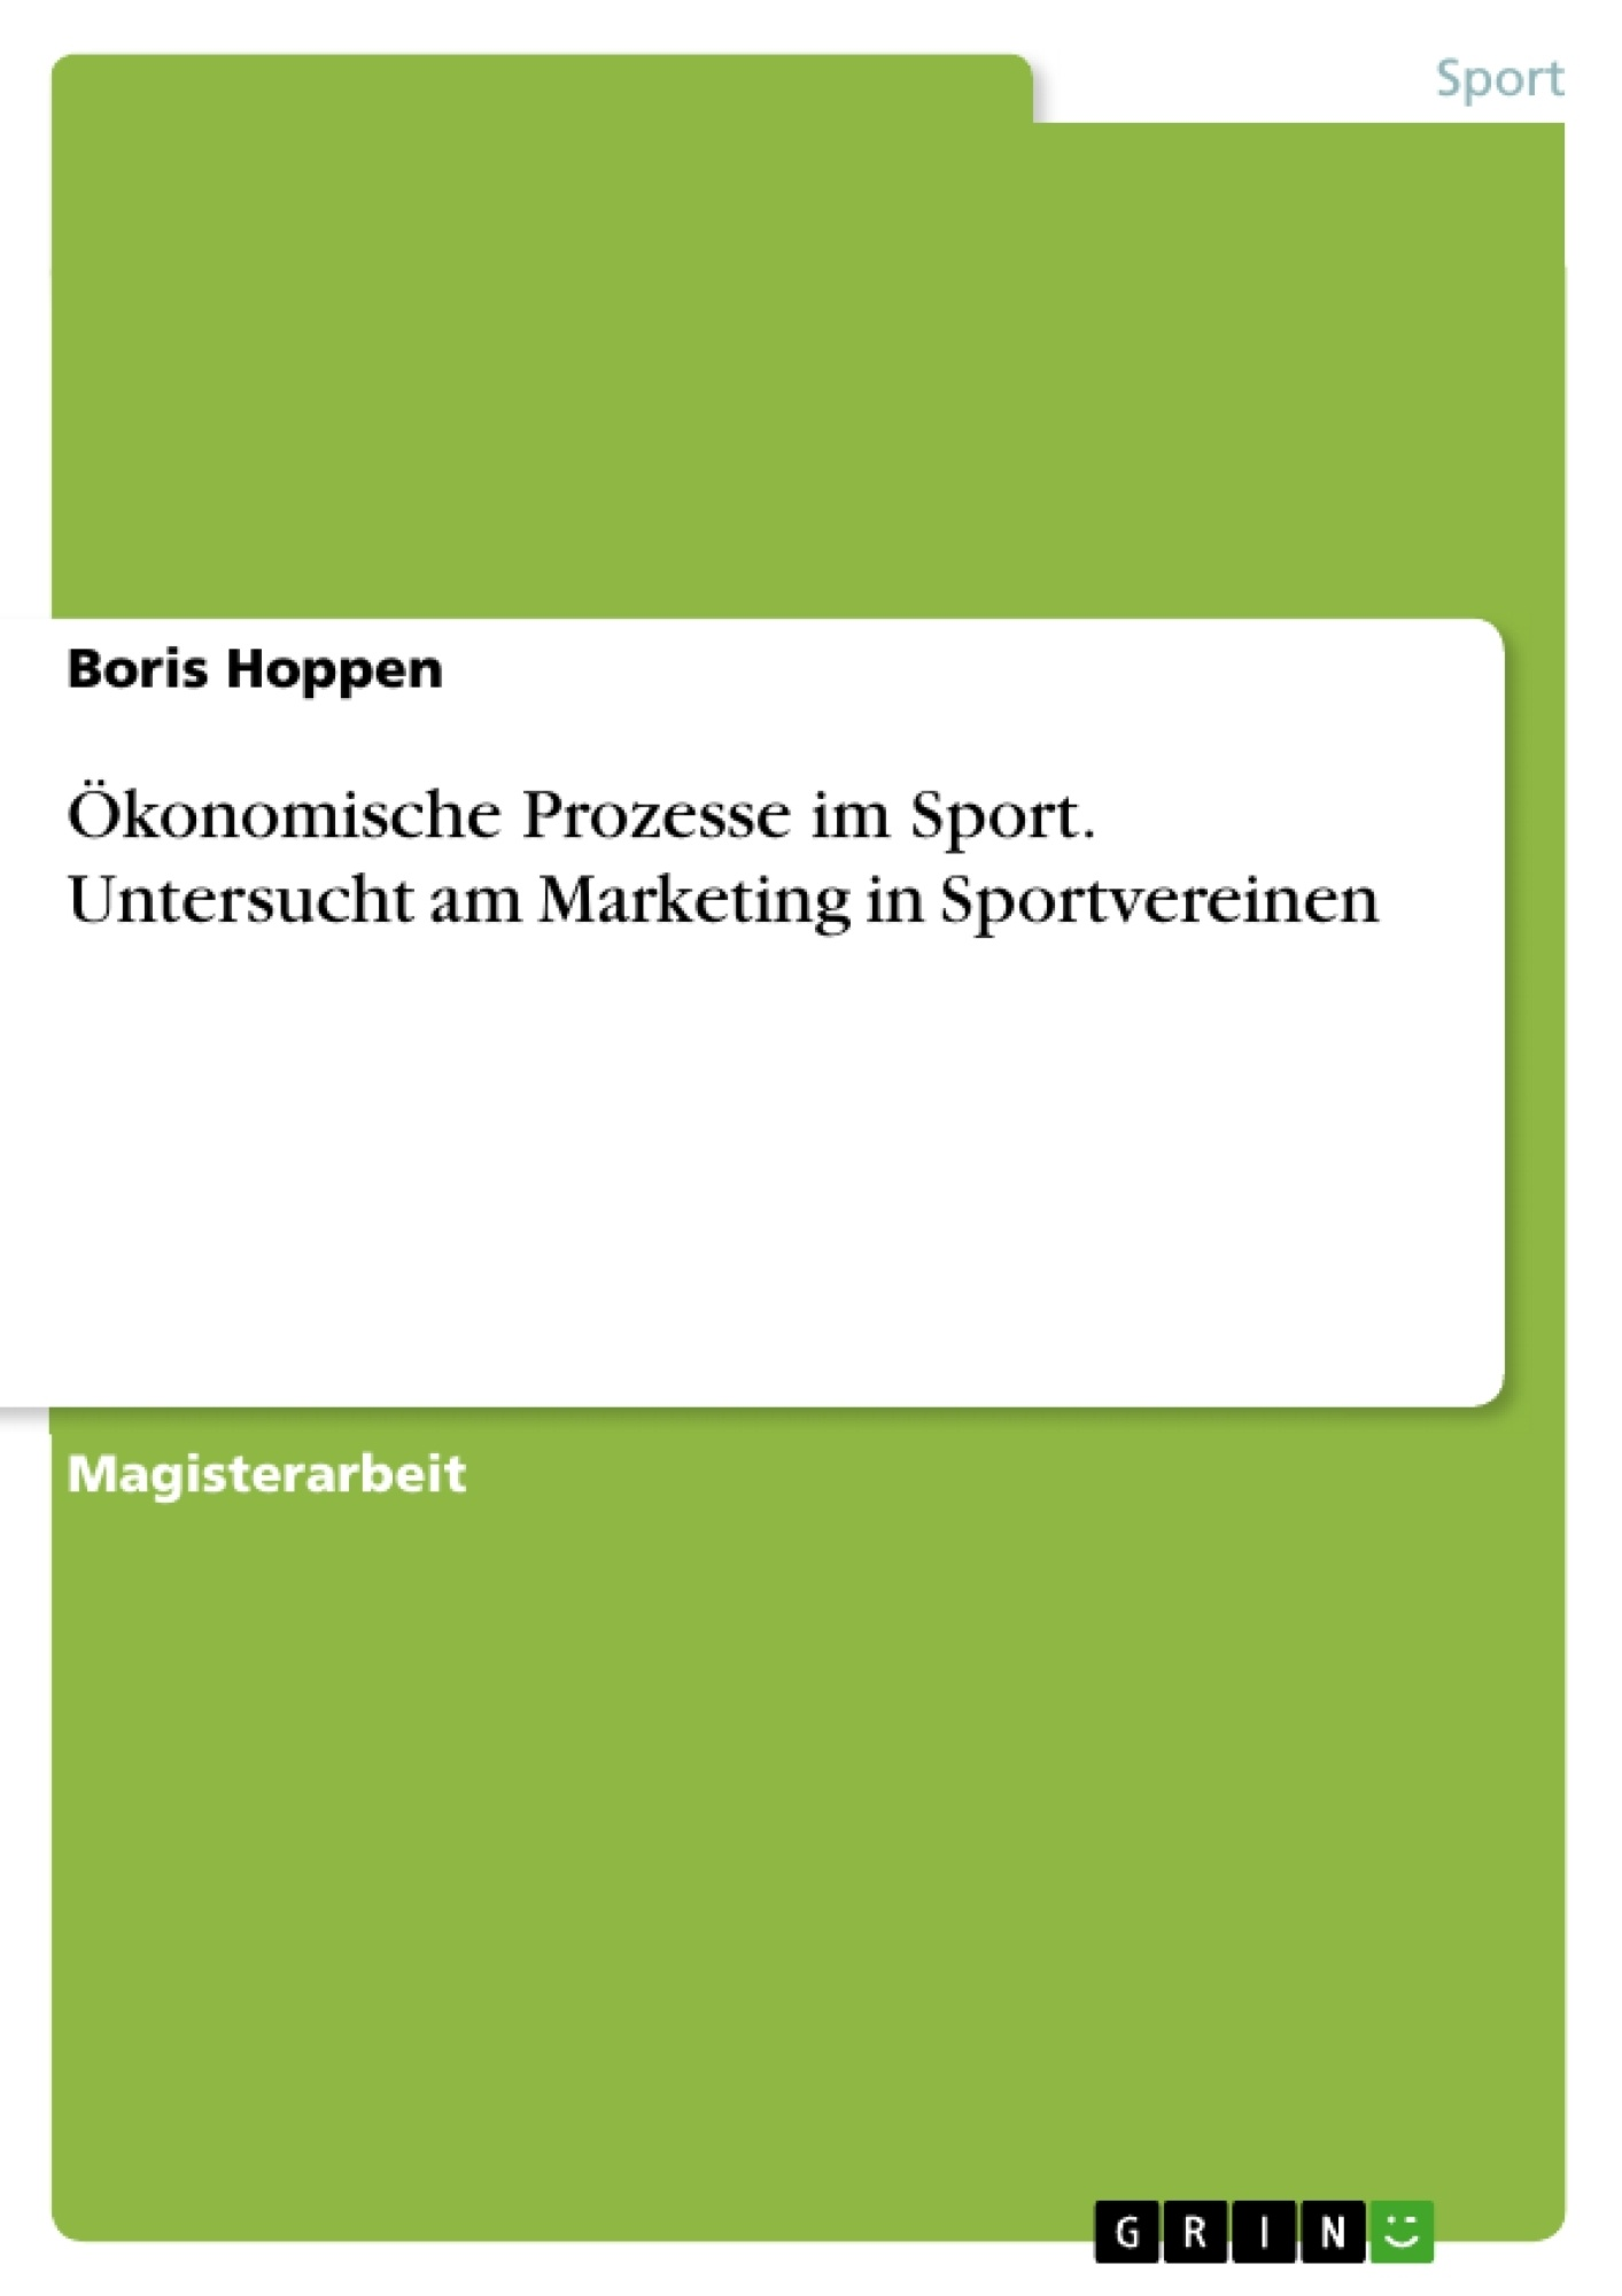 Titel: Ökonomische Prozesse im Sport. Untersucht am Marketing in Sportvereinen